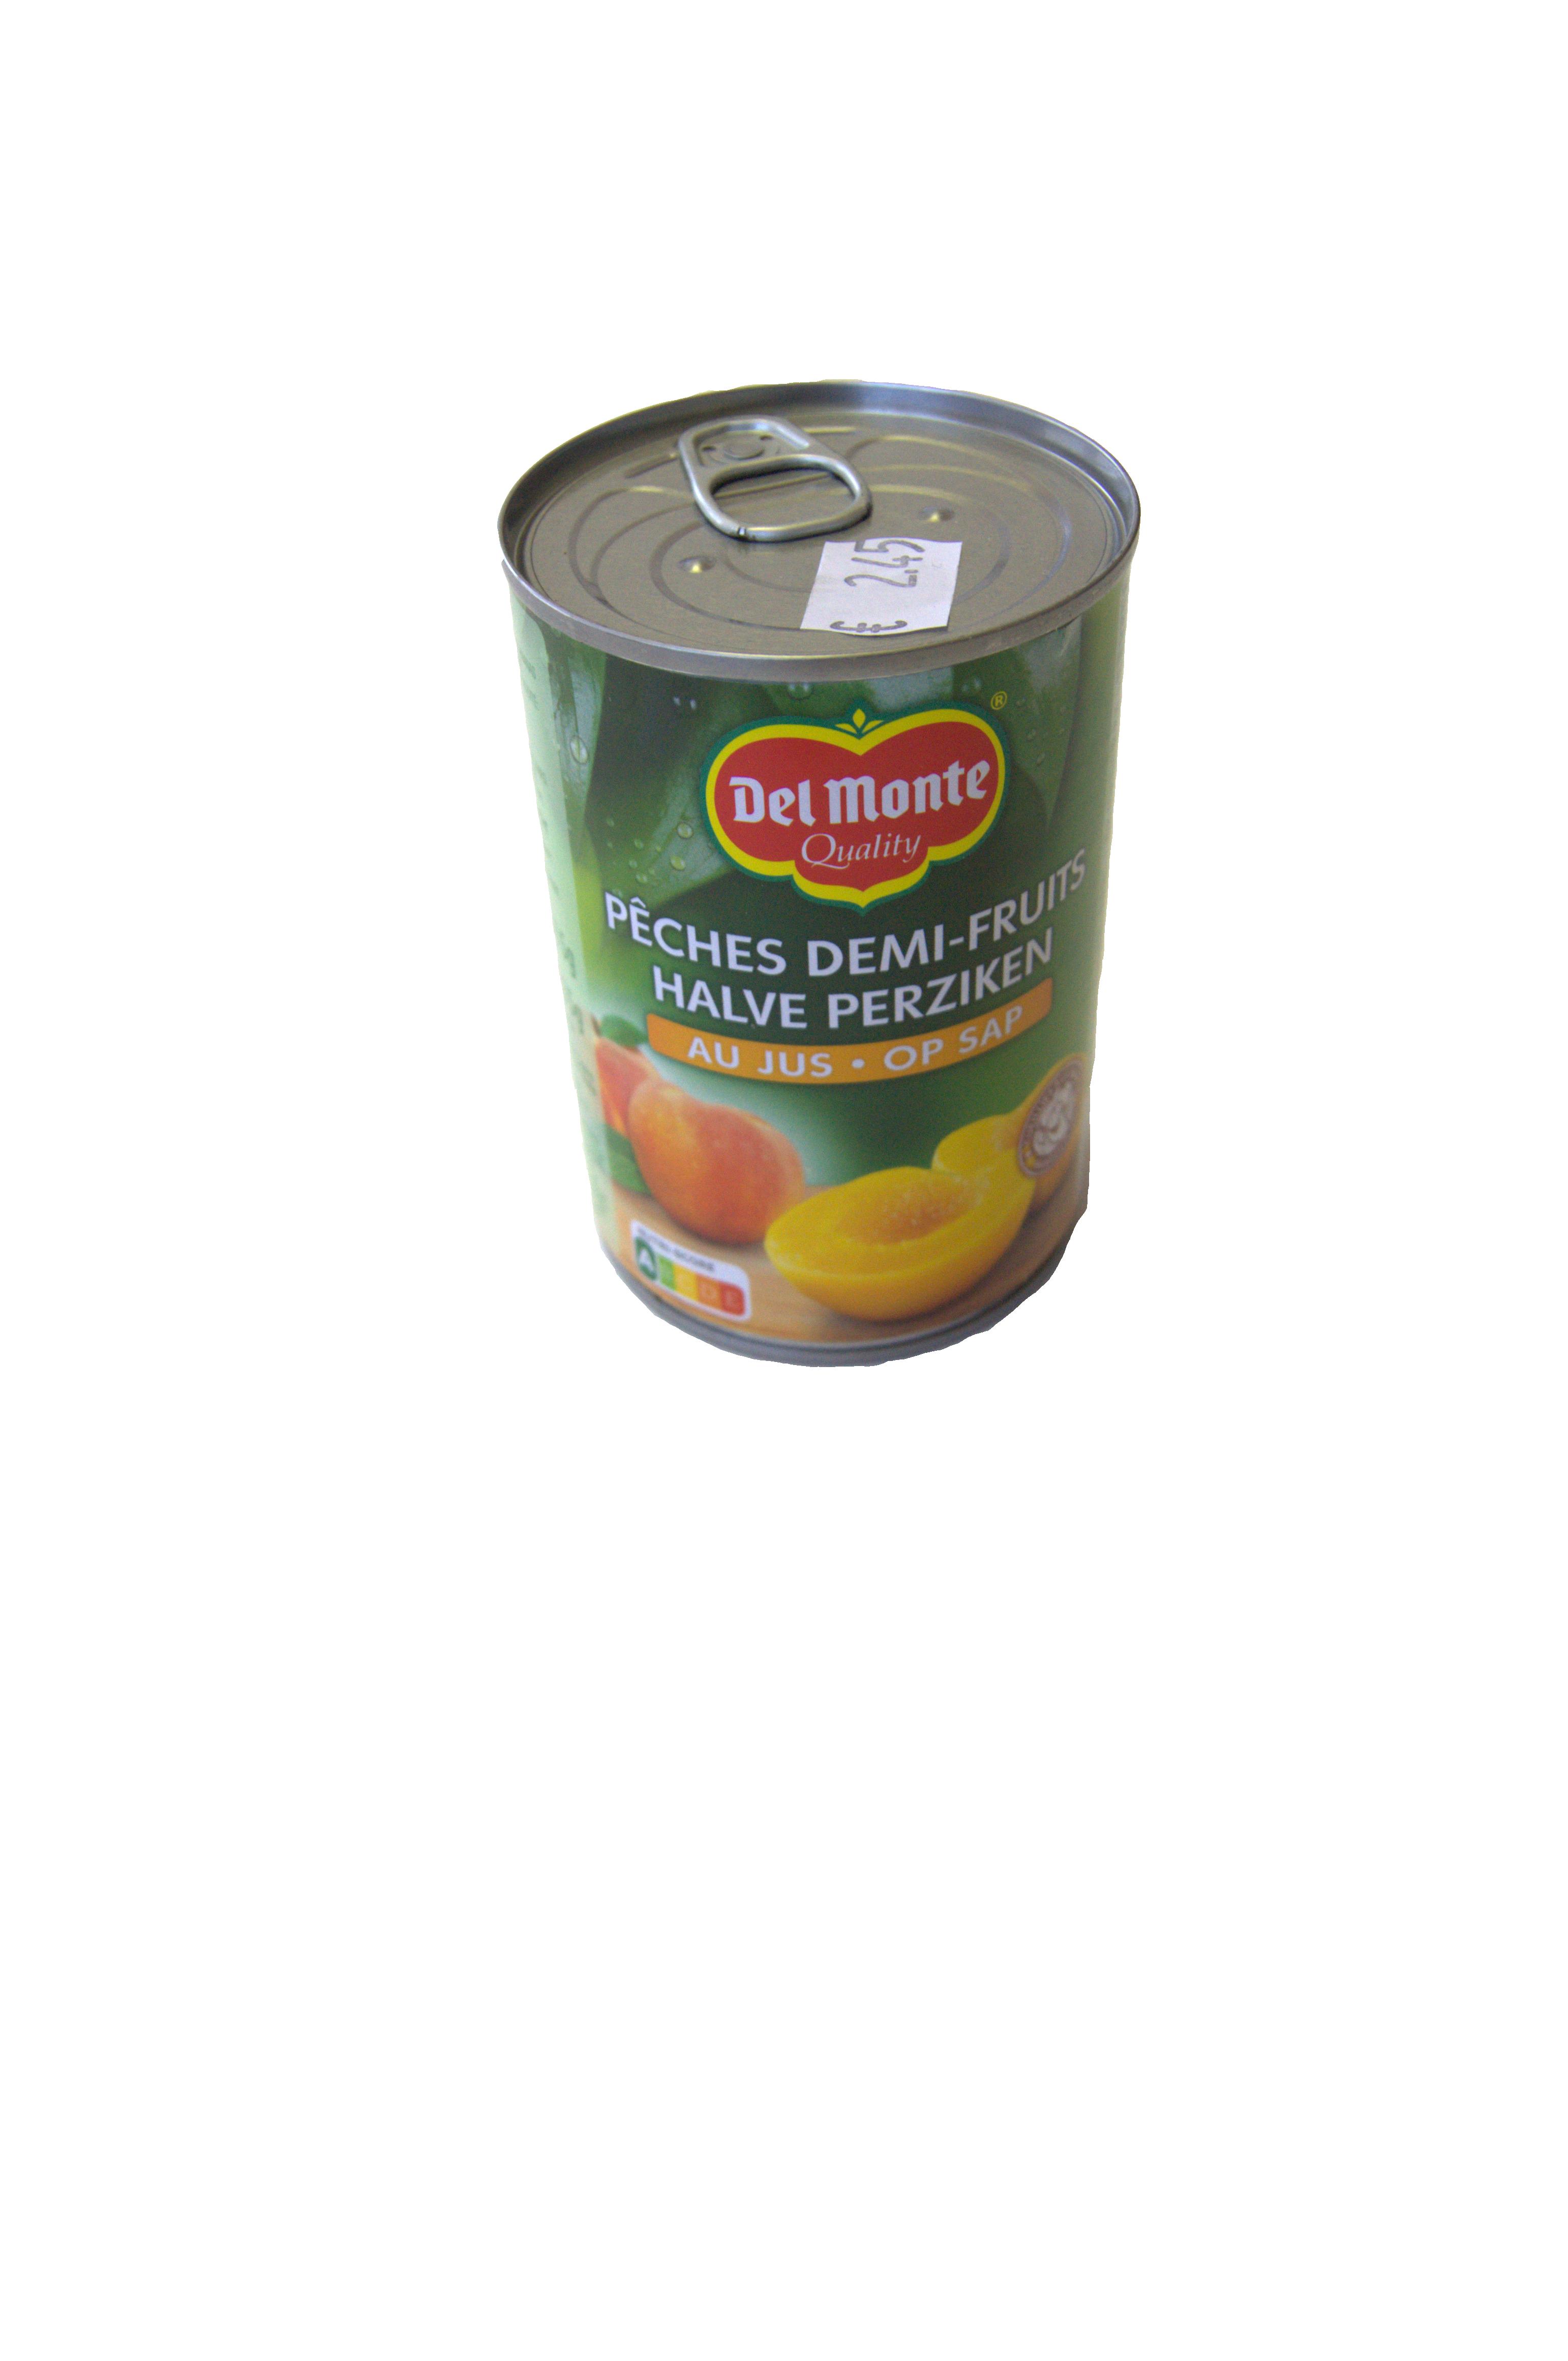 halve perzikken op siroop delmonte 420g